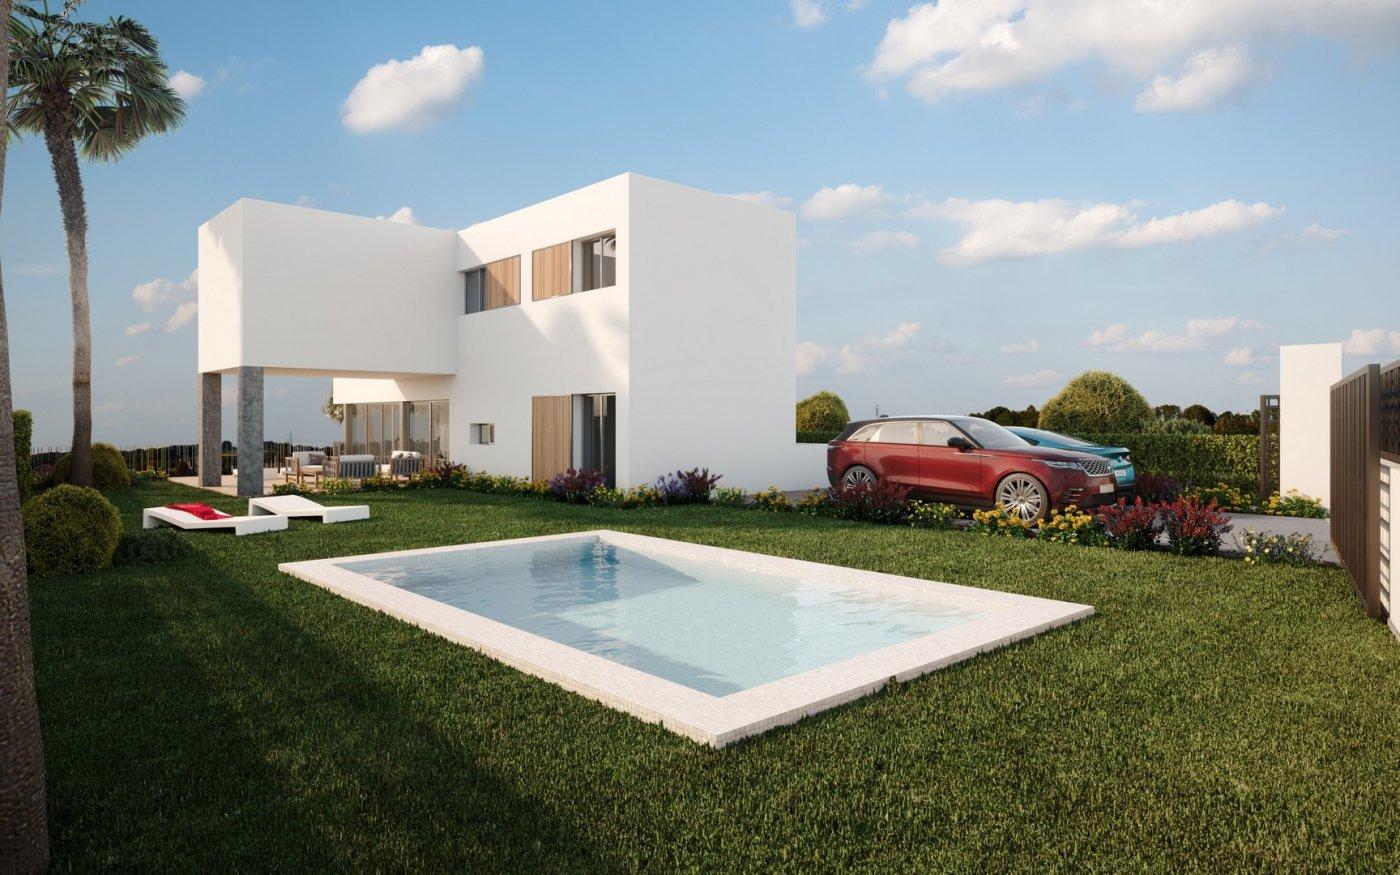 Villas de diseÑo moderno con vistas al golf!!! - imagenInmueble16